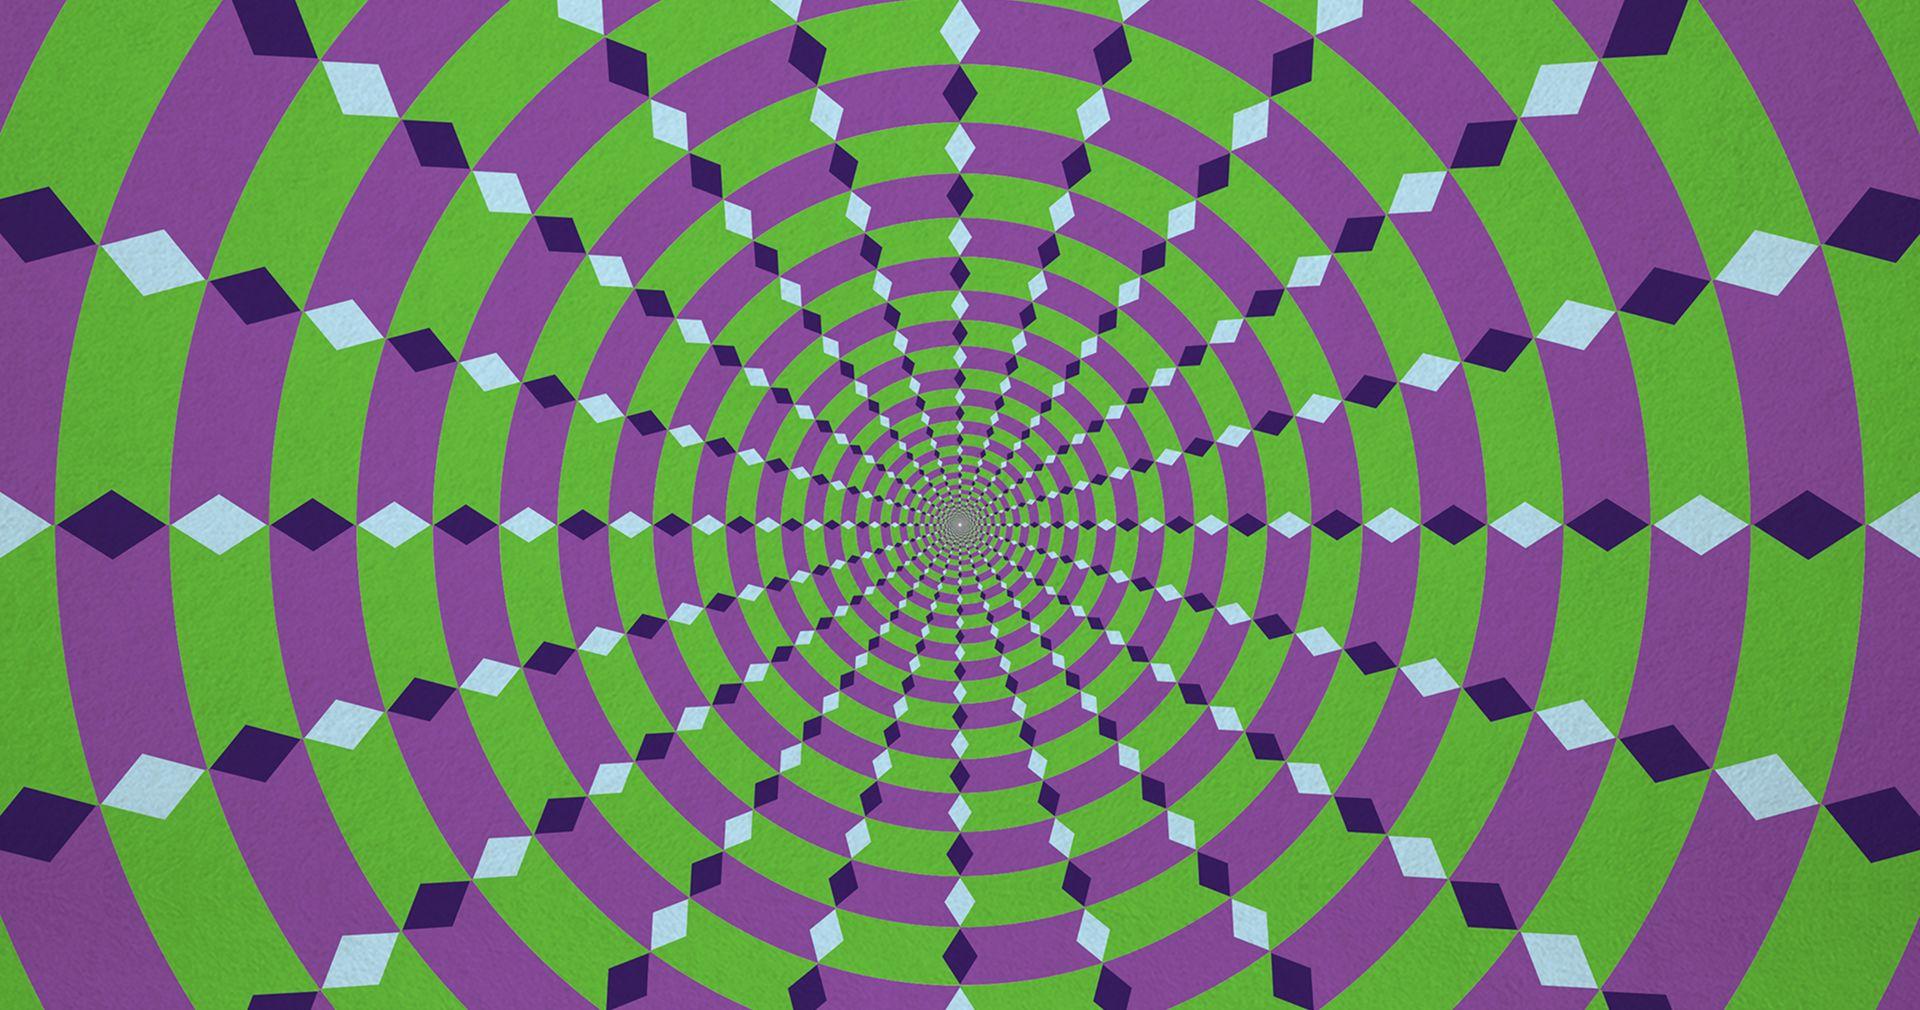 оправдывает фото машины обман зрения в цвете все клетке